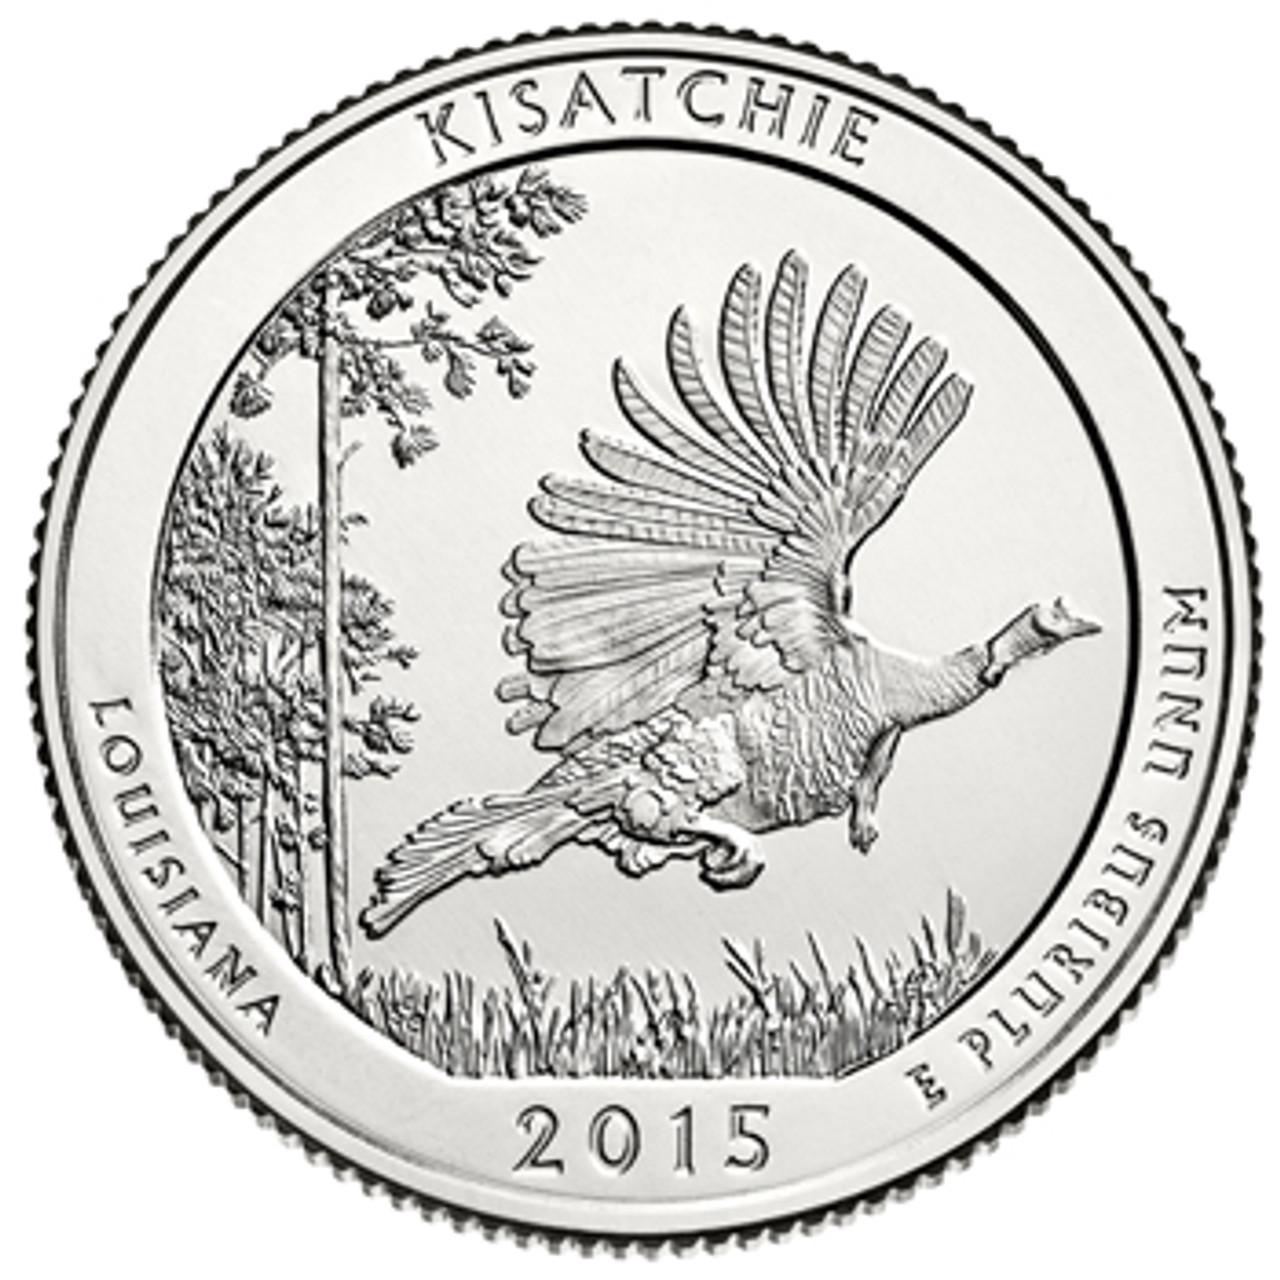 2015-D Kisatchie National Park Quarter Brilliant Uncirculated Image 1